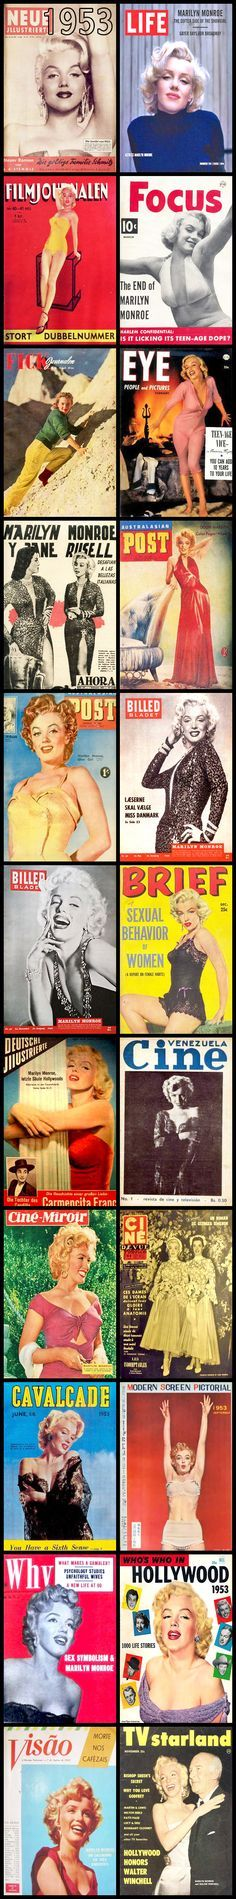 1953 magazine covers of Marilyn Monroe .... #marilynmonroe #normajeane #vintagemagazine #pinup #iconic #raremagazine #magazinecover #hollywoodactress